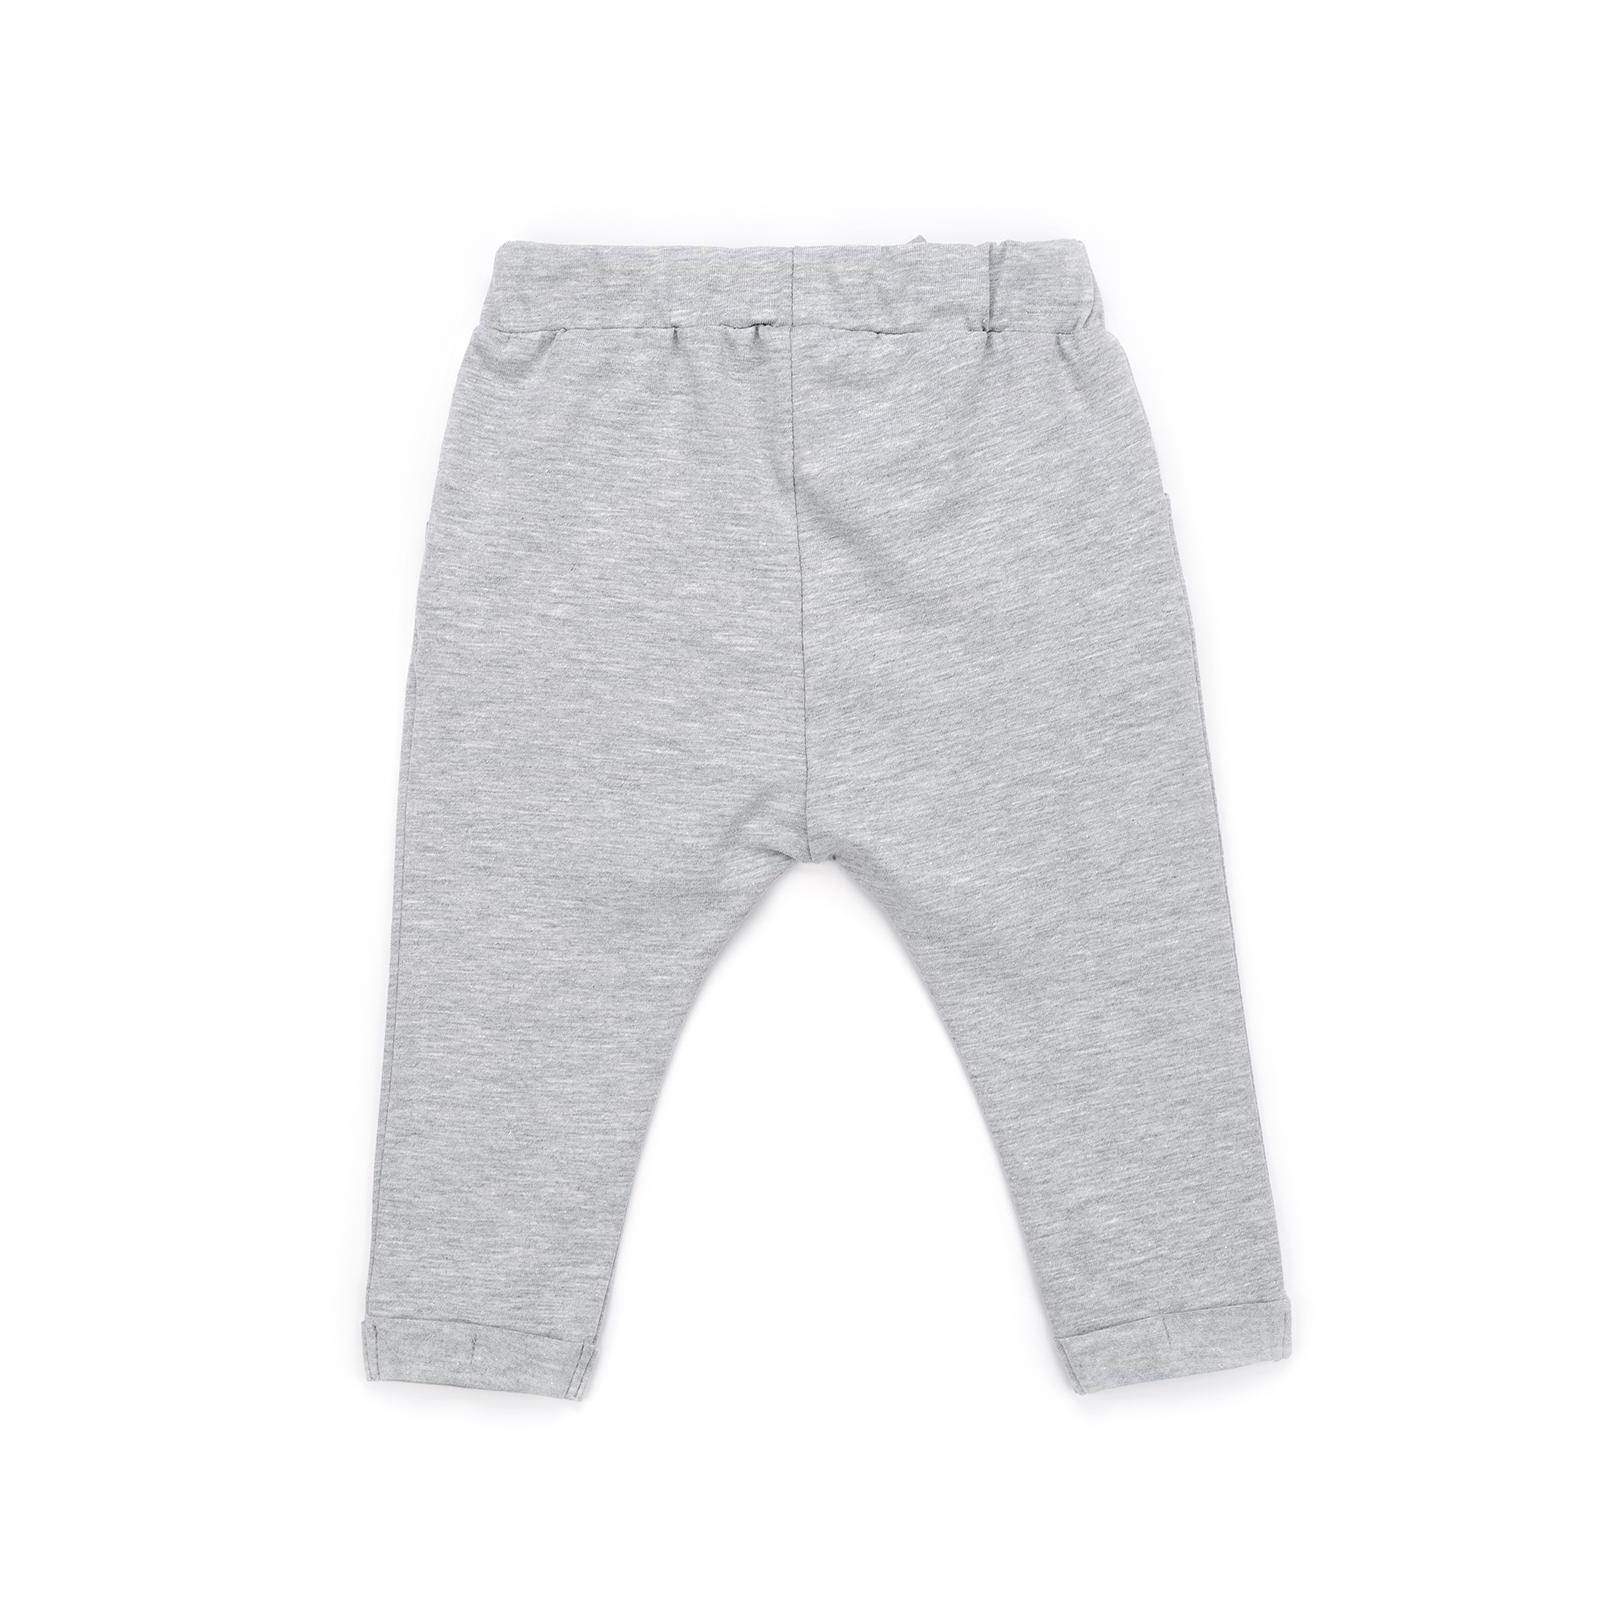 Штаны детские Breeze с бантом (10704-98G-gray) изображение 2